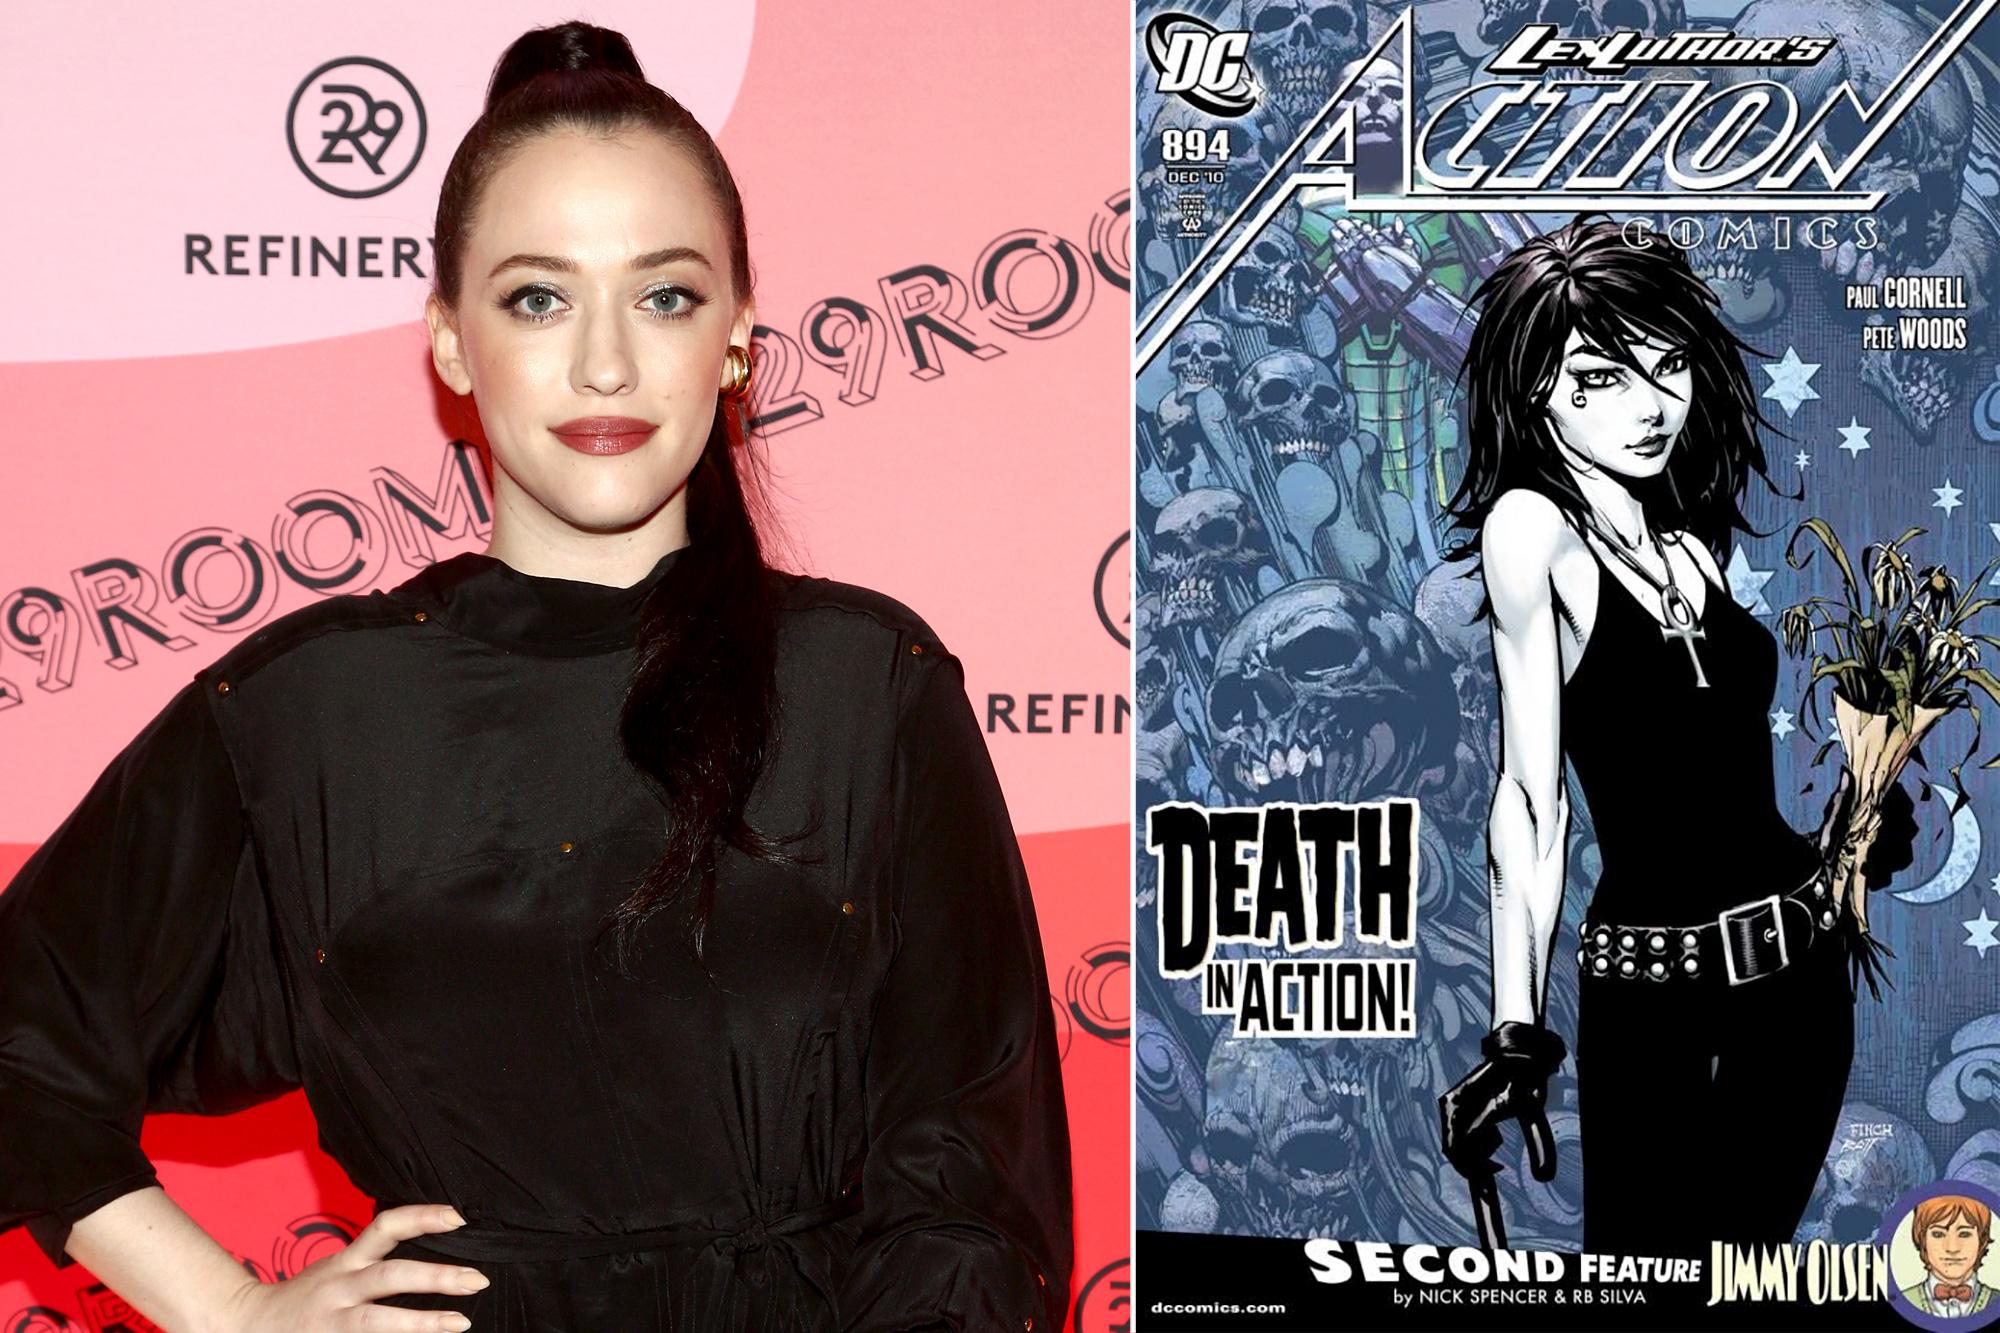 Kat Dennings, Action Comics